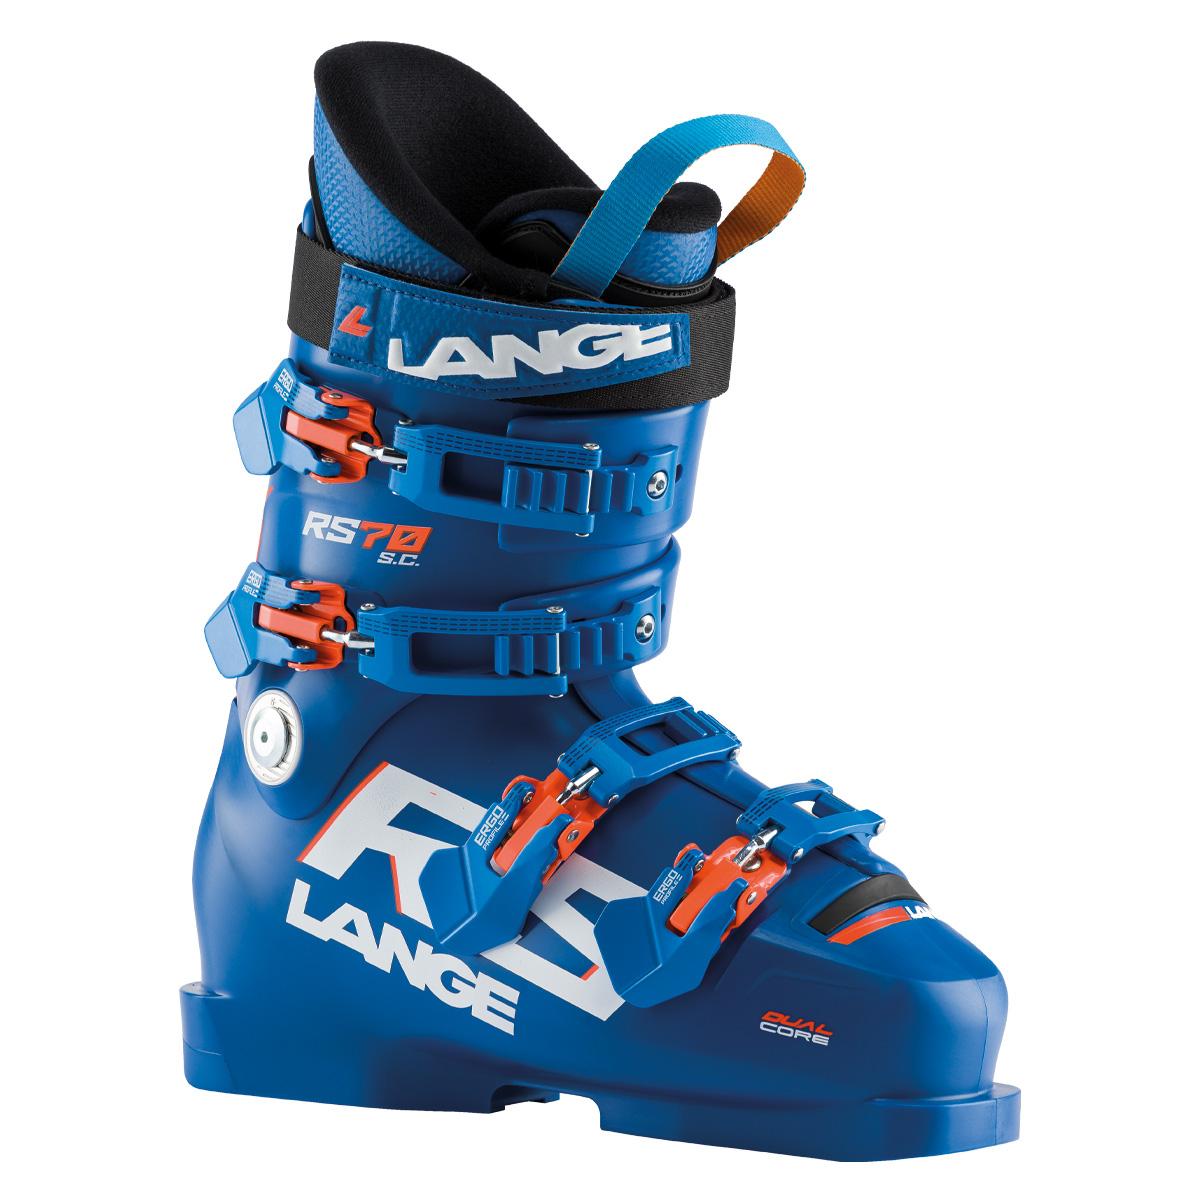 Scarponi Sci Lange RS 70 S.C. (Colore: Blu arancione, Taglia: 24)